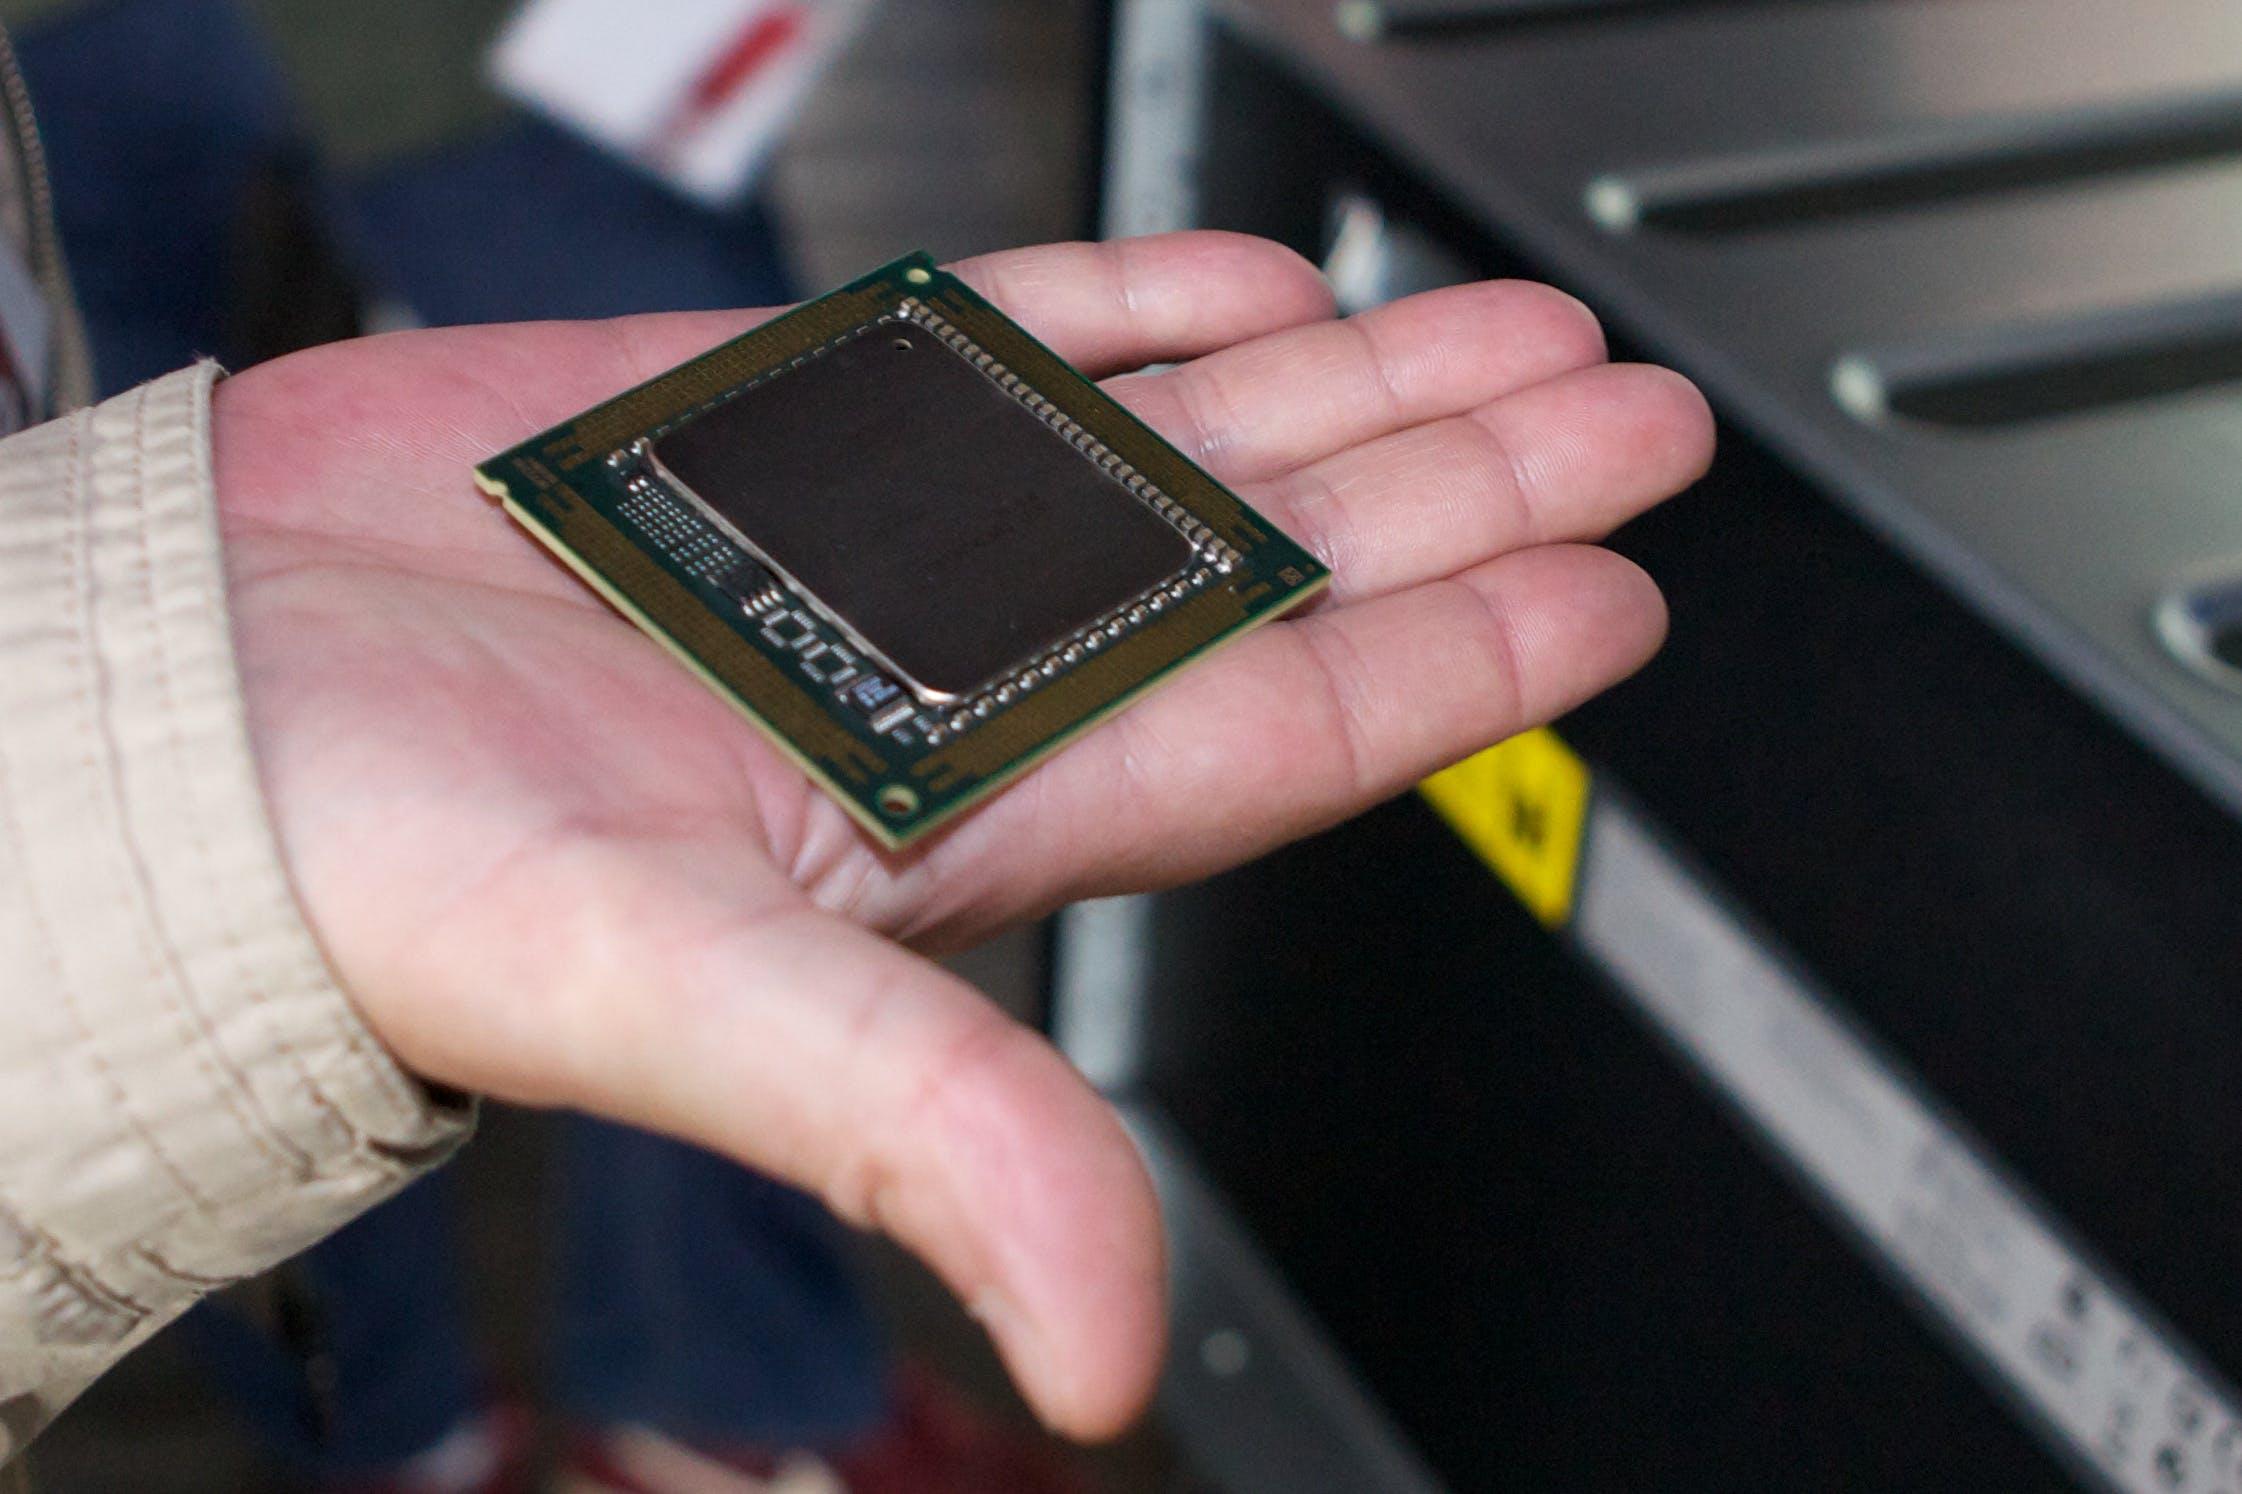 Oracle muss 3 Milliarden Dollar an HP zahlen – dieses teure Computer-Desaster ist der Grund dafür